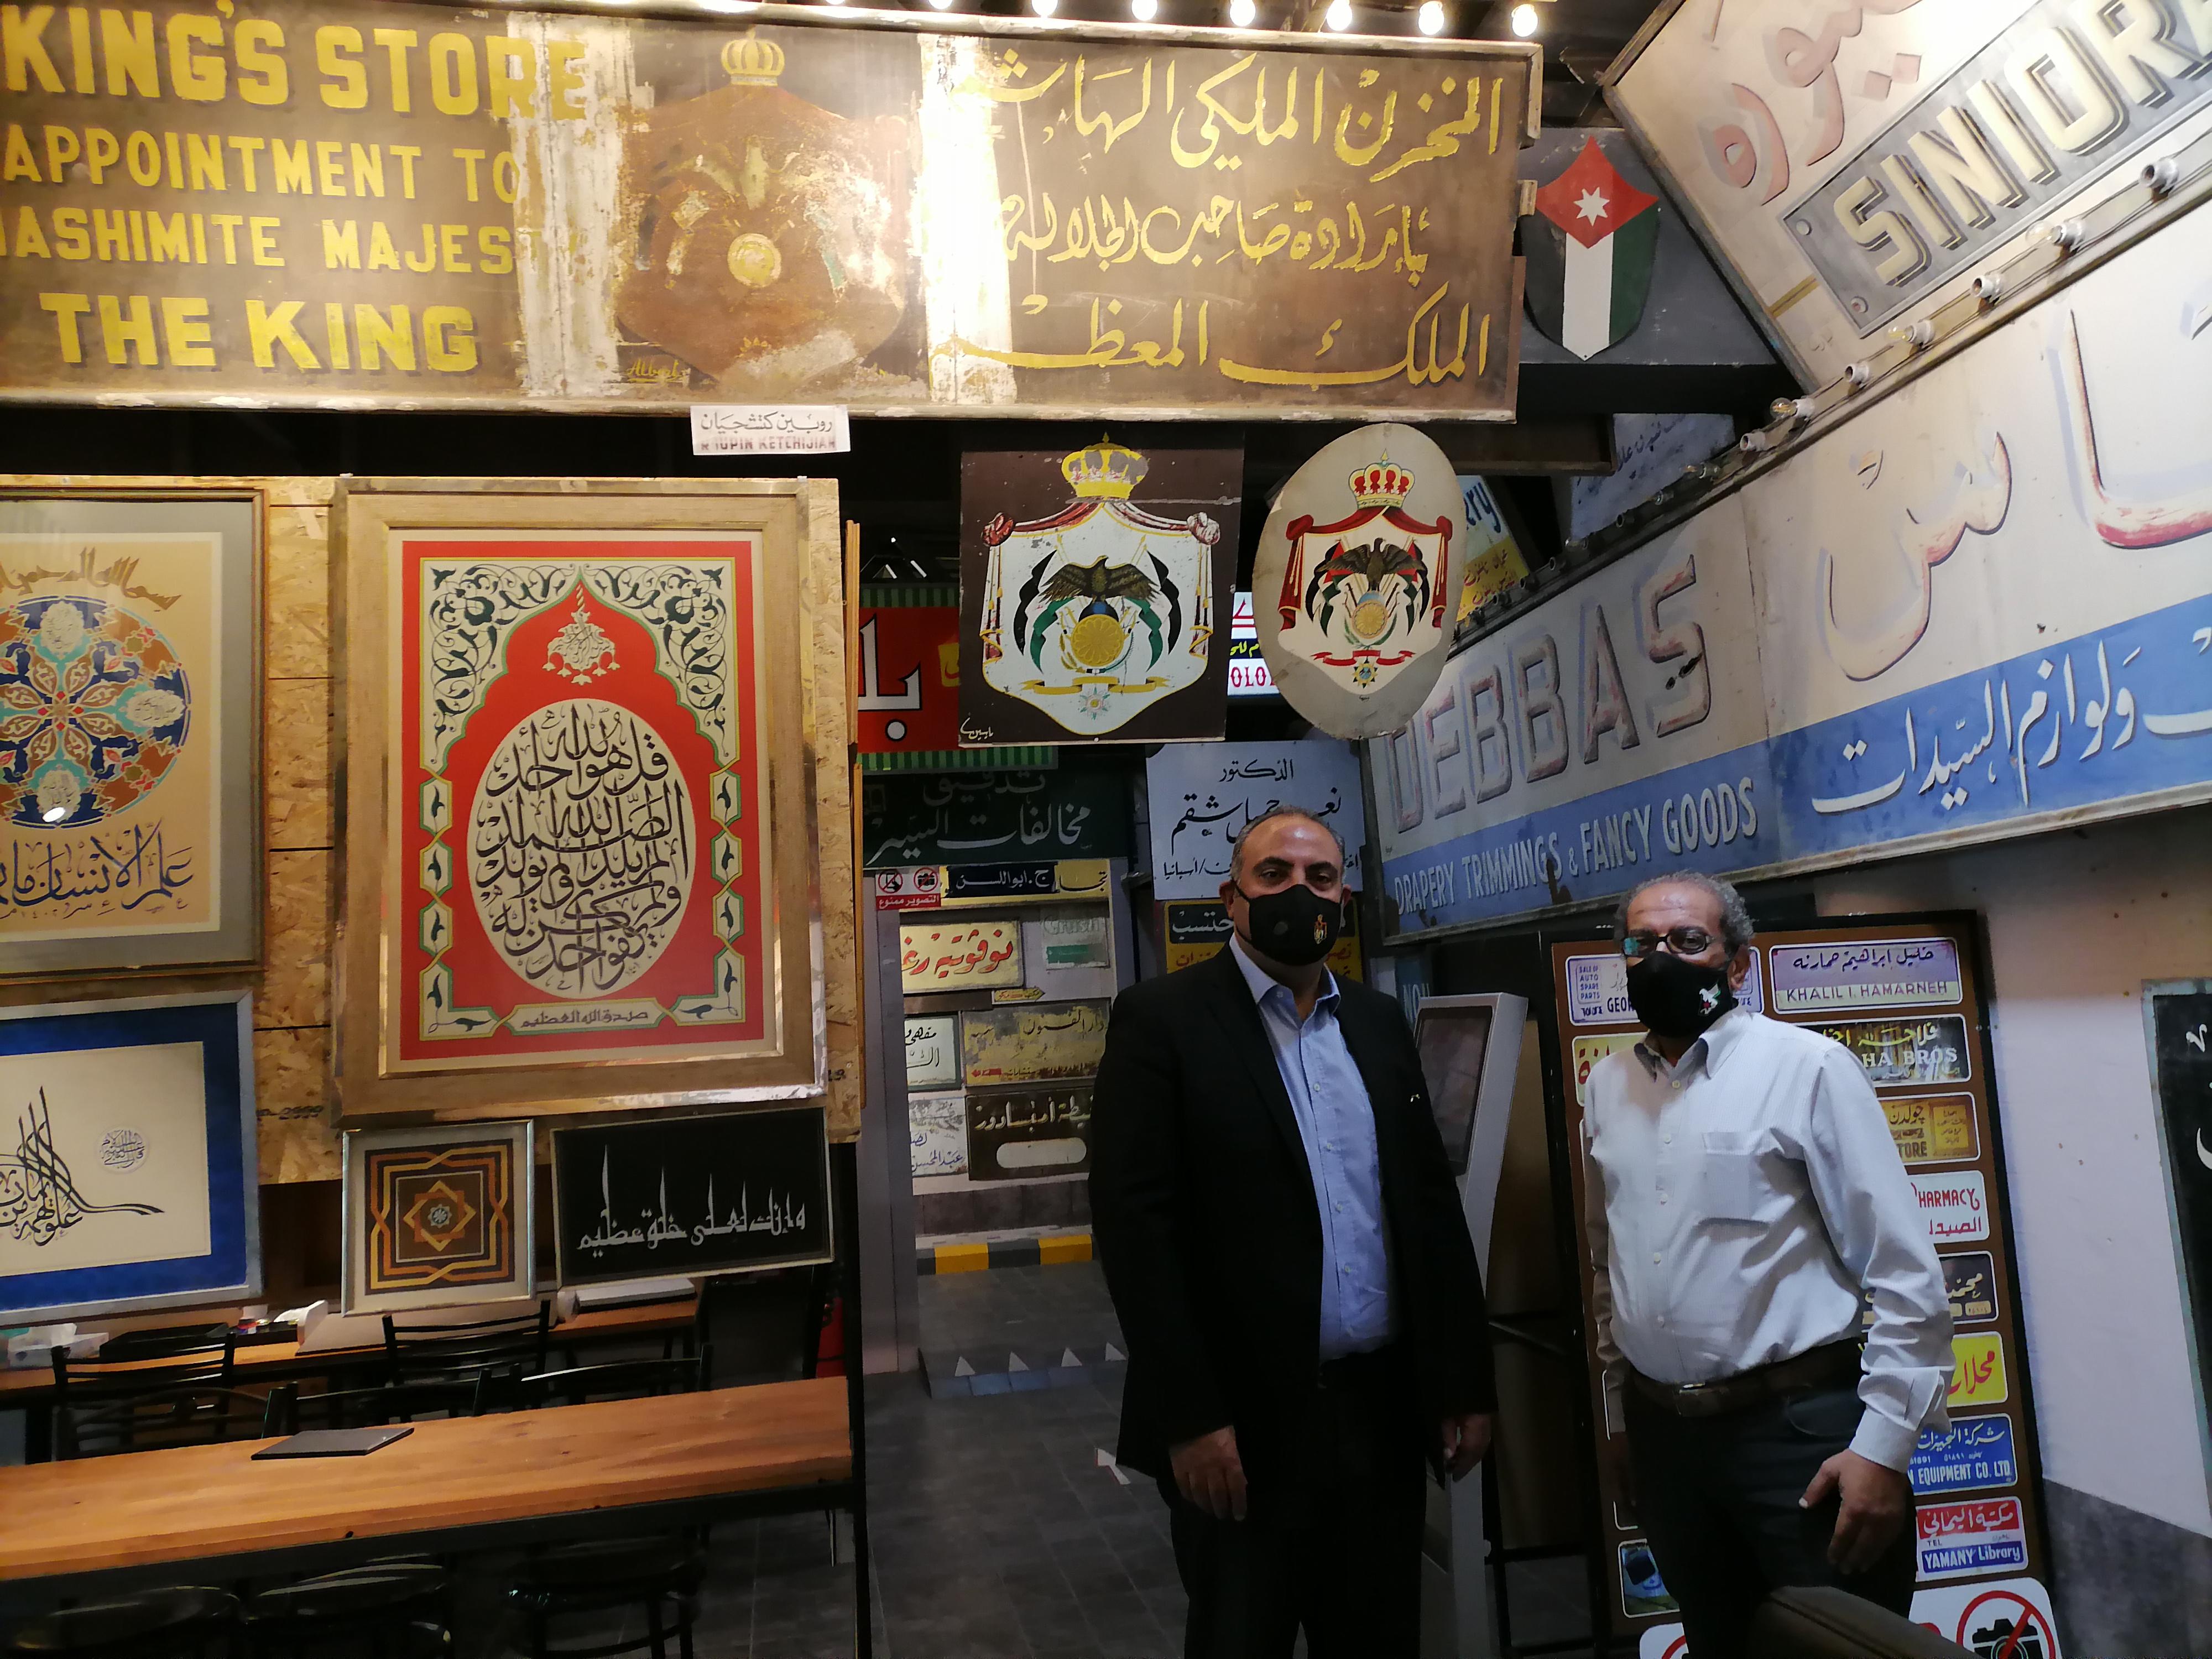 متحف آرمات عمان وهذه الملاحظة من بلتاجي